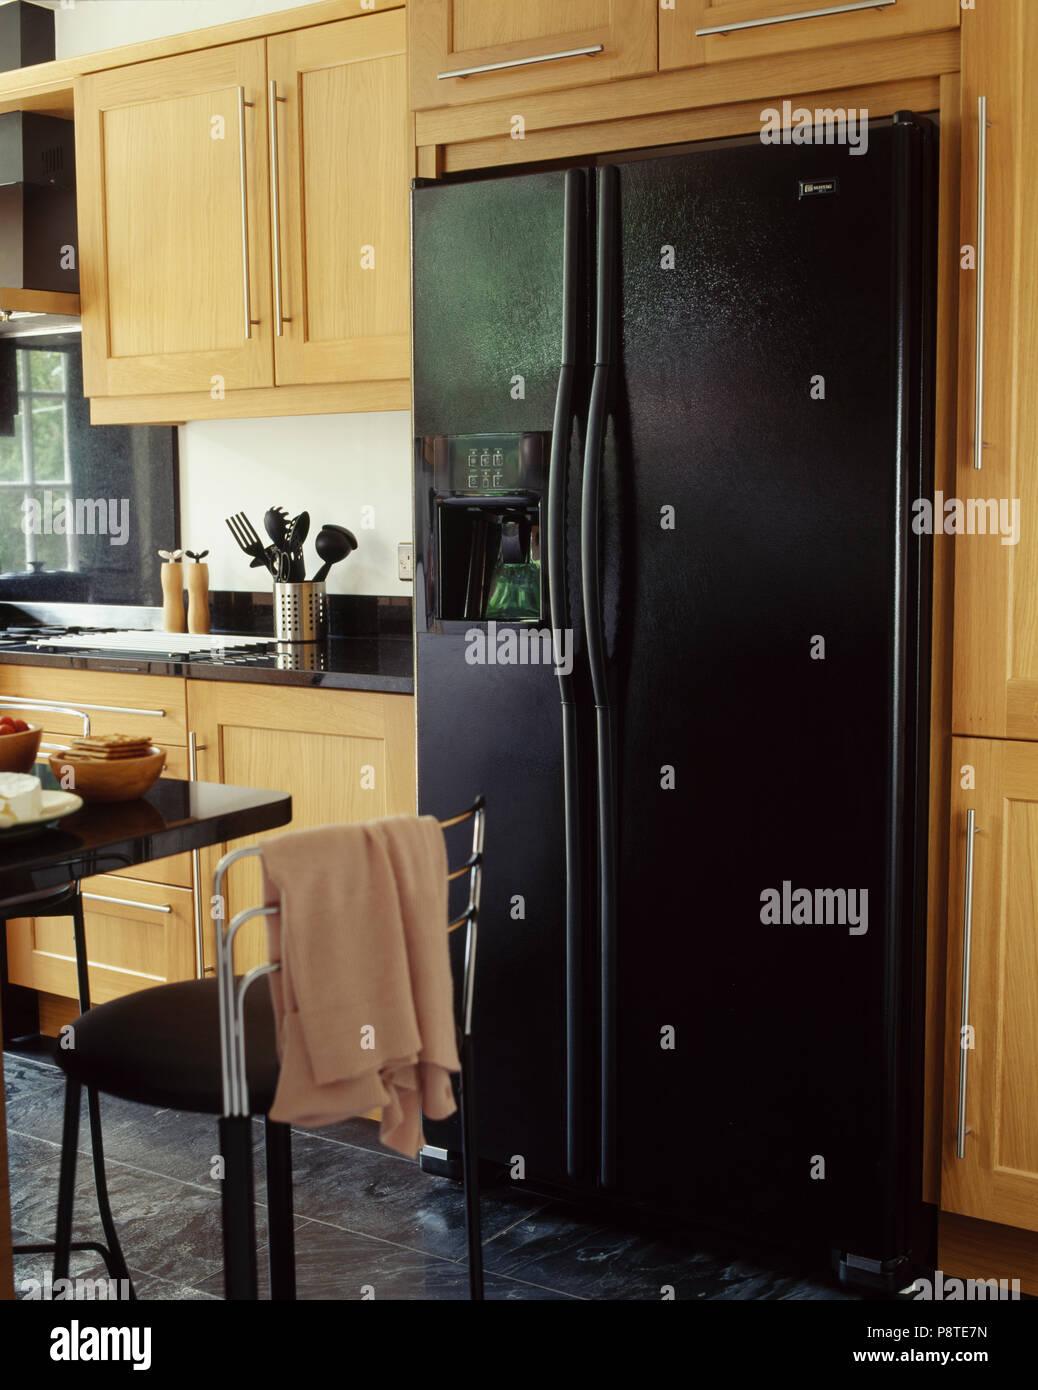 Große Schwarze American Style Kühlschrank Mit Gefrierfach In Modern